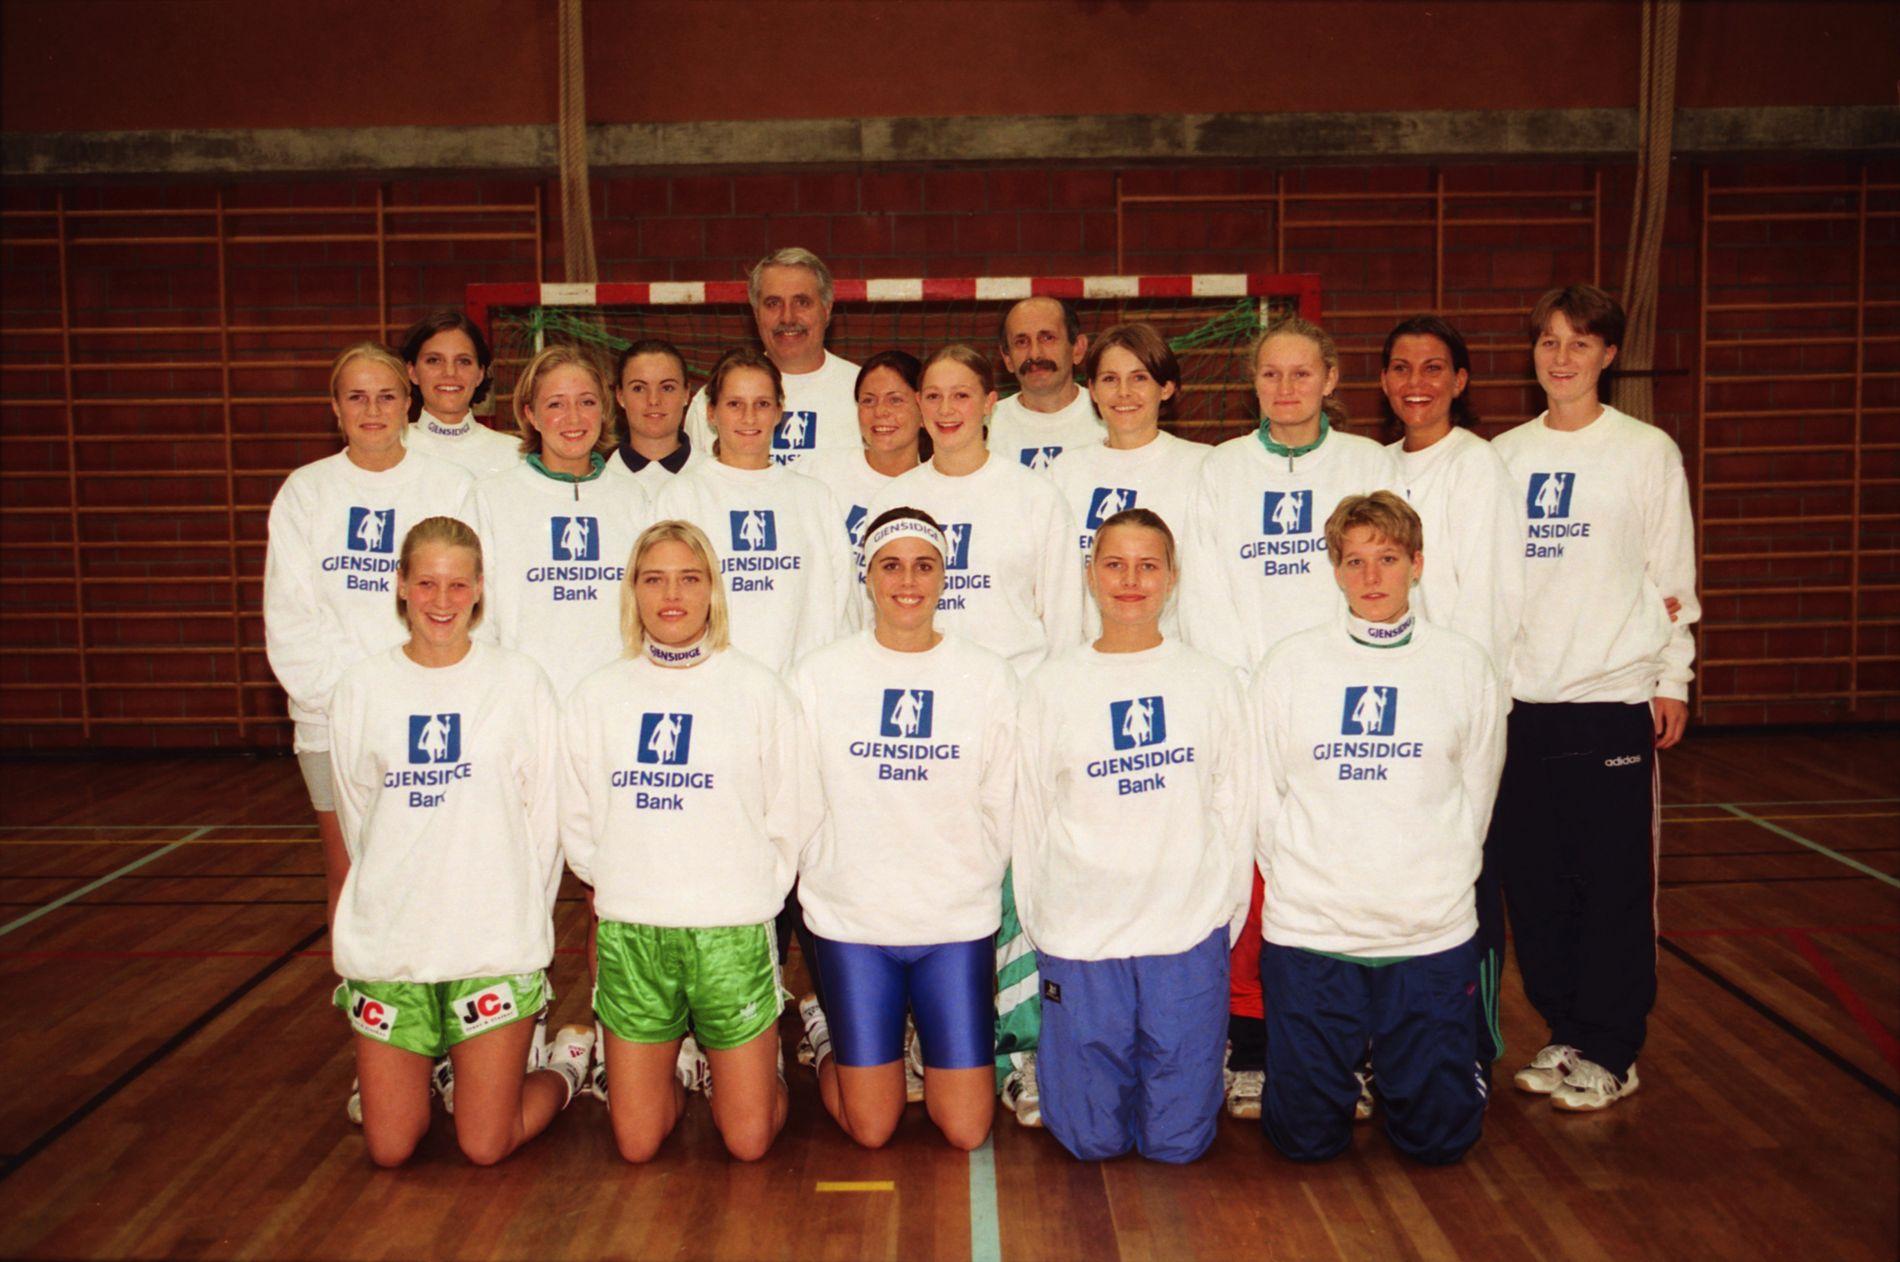 Vågs lag før sesongstart i 2. divisjon høsten 1996. Bak f.v.: Tone Gundersen, Annette Nilsen, Therese Fuglestad, Inger Lise Støkken, Nina Lundegaard, Sissel Ramsland, Øystein Berge (oppmann) og Rade Koruga (trener). 2. rekke f.v.: Kristin Tofteland, Stine Brøvig, Siren Eldor, Rita Tønder Frustøl og Wenche Ueland Helle. Foran f.v.: Tina Graaner, Hilde Esperås, Bodil Flo Berge, Aina Holand og Kathrine Stendal. Fire av spillerne var på laget som debuterte i eliteserien i 2001.